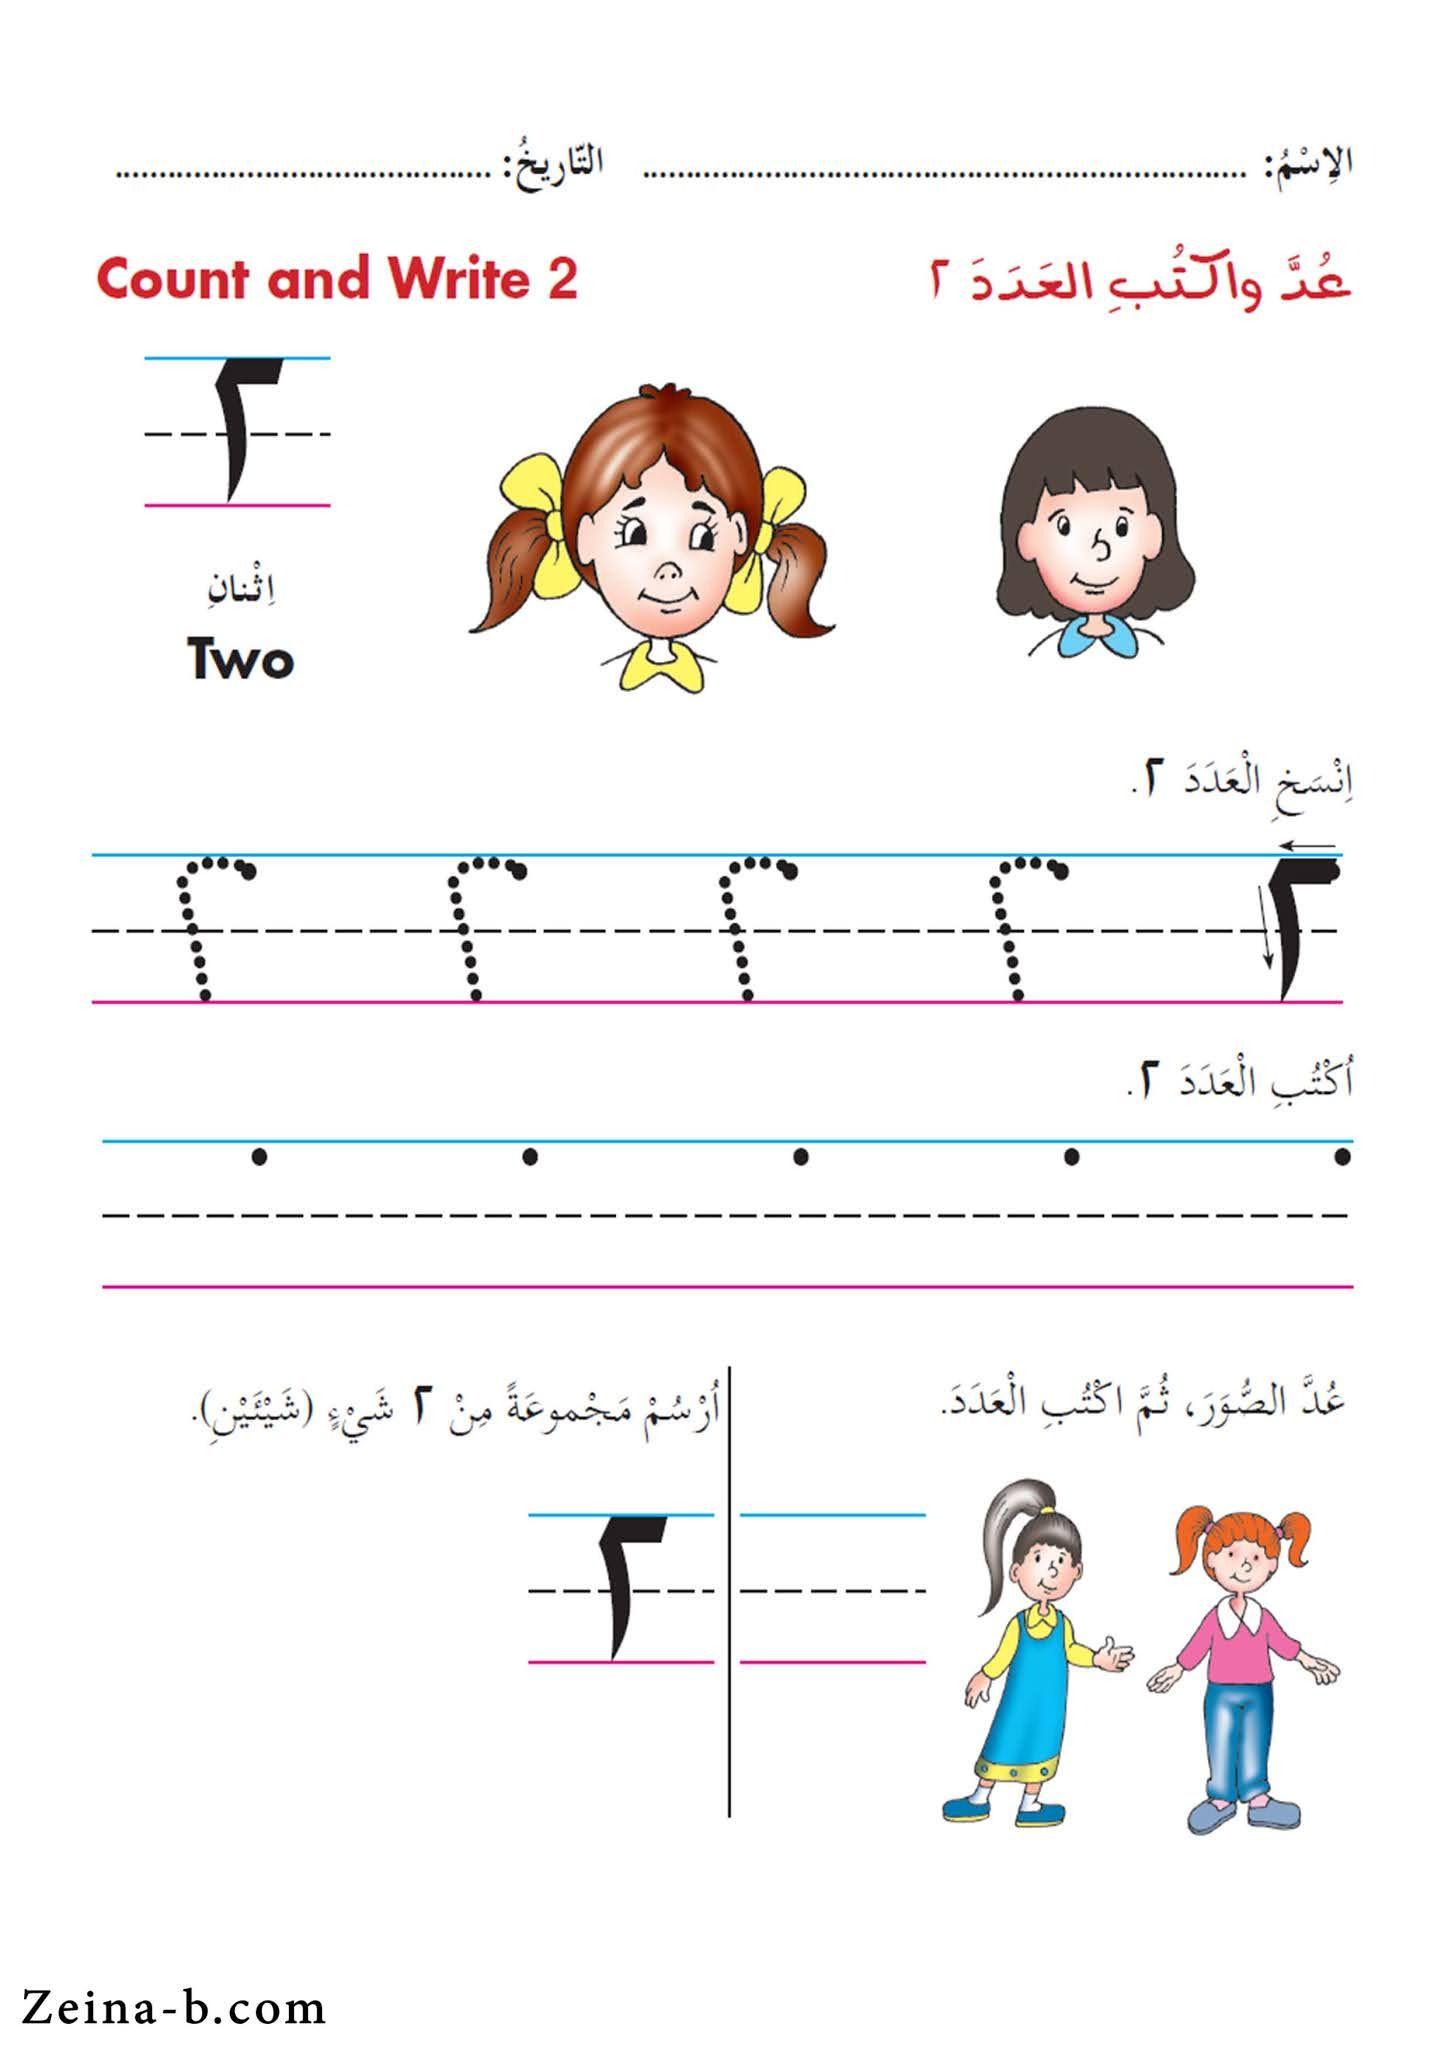 صور تعليم الاطفال الارقام من 1 الى 10 من واحد لعشرة الرقم ٢ اثنان العدد اتنين In 2021 Learning Arabic Alphabet Alphabet